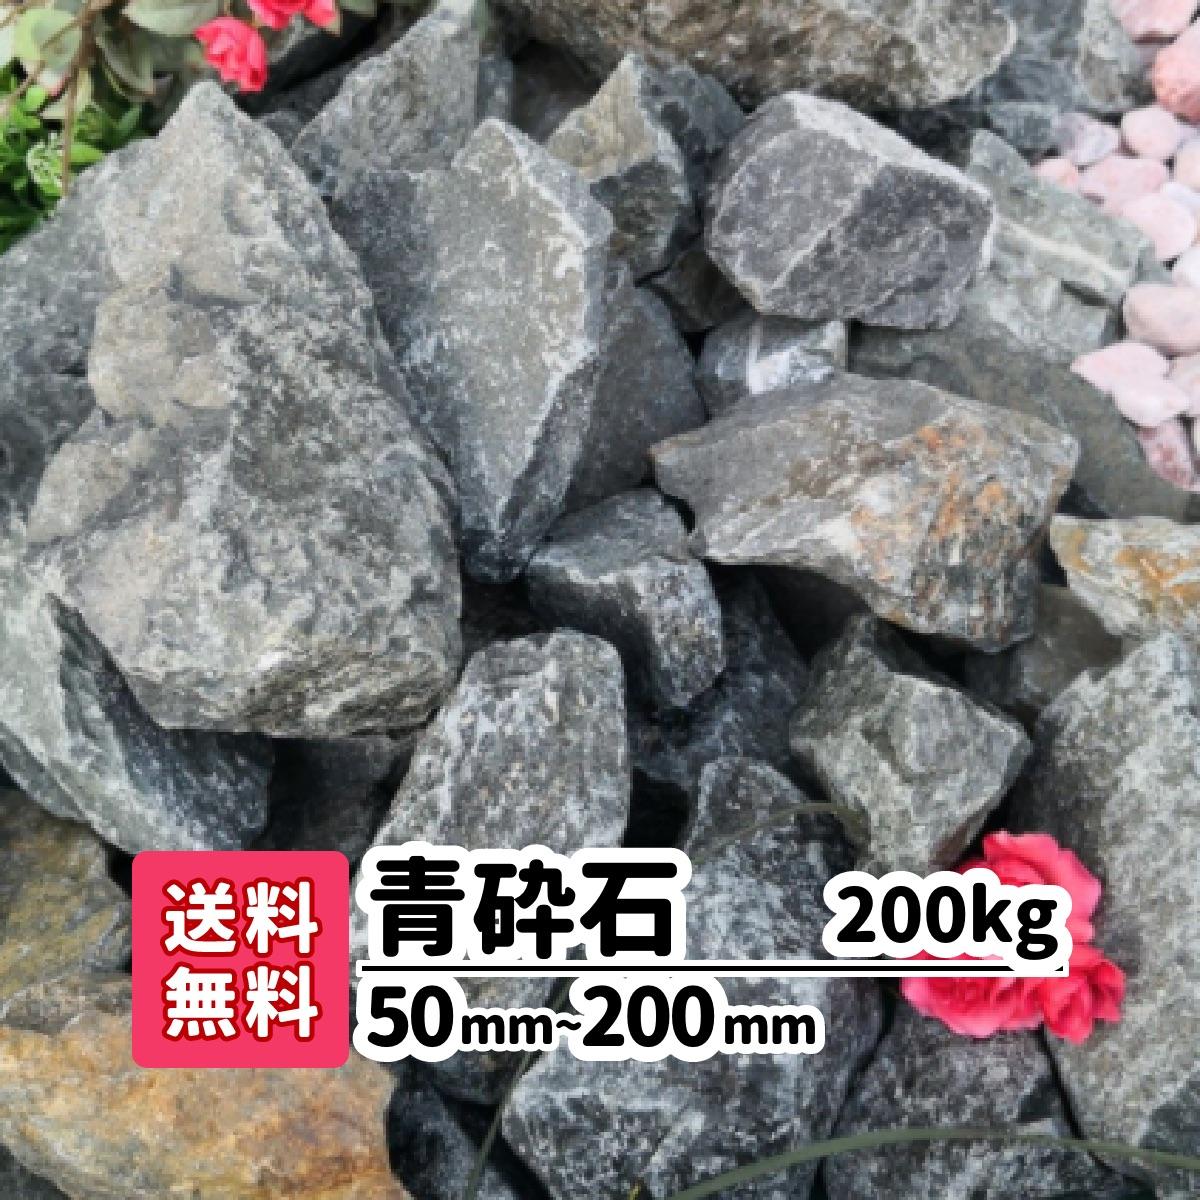 【送料無料】200kg 青砕石 50mm~200mm(20kg×10)ガーデンロック 庭 アプローチ おしゃれ ガーデニング アクアリウム